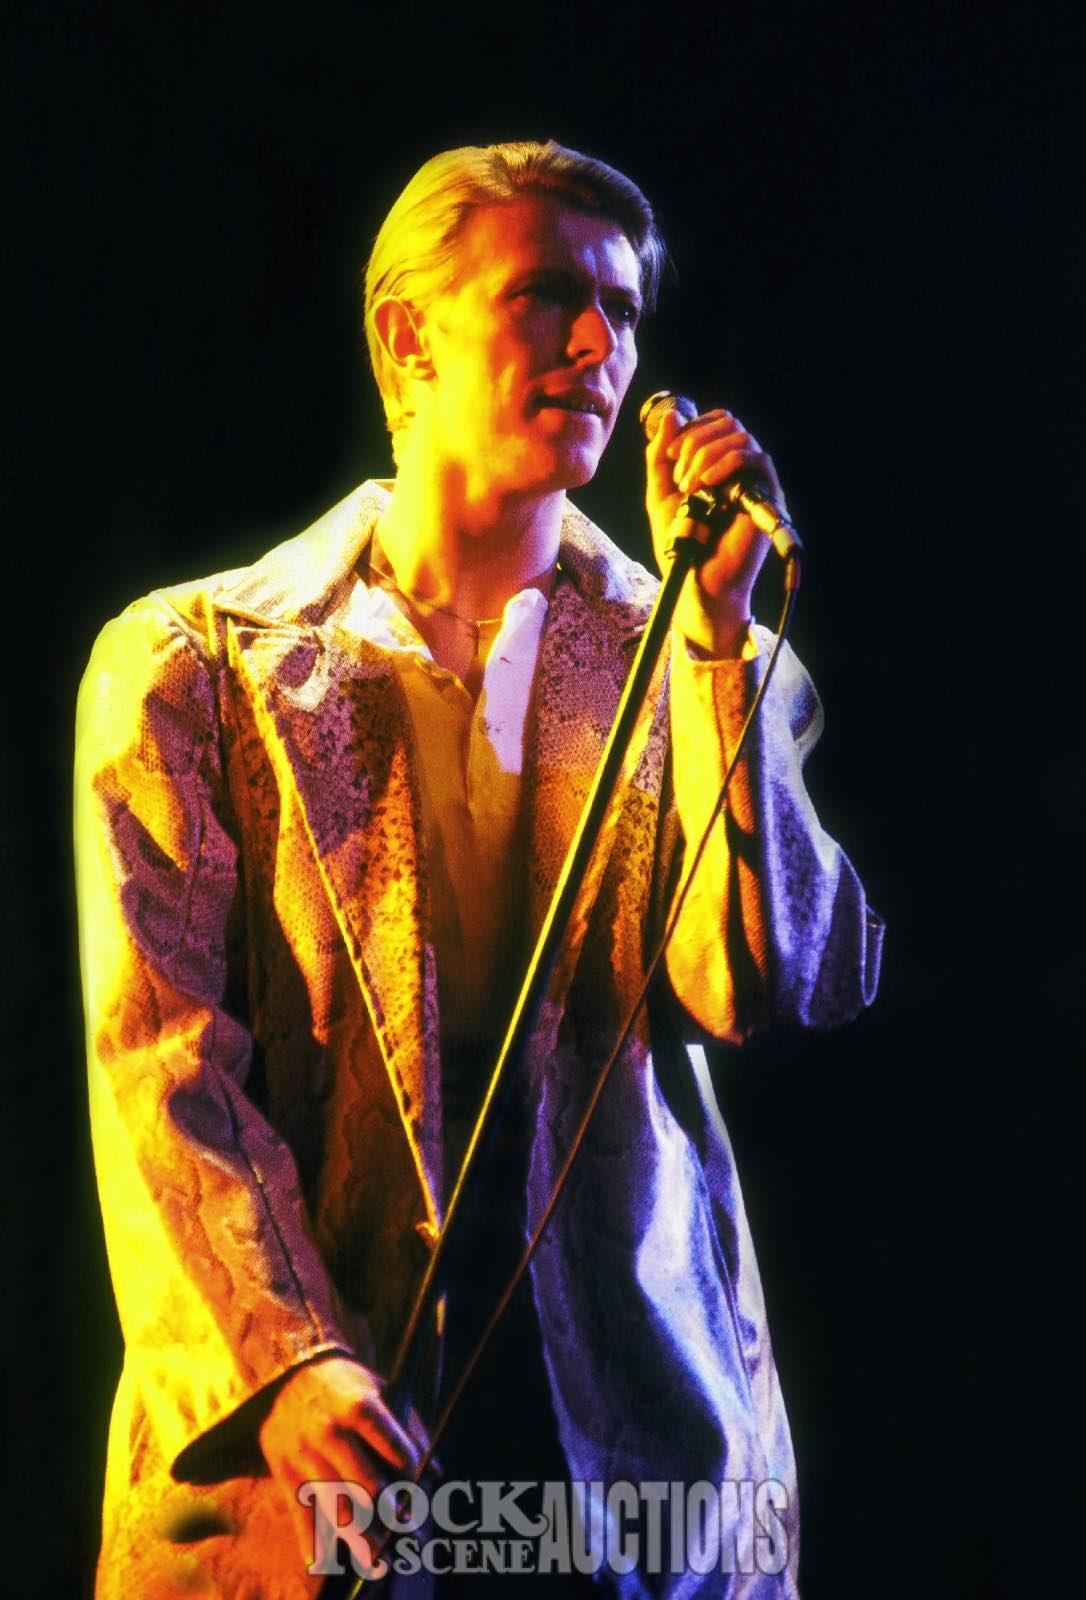 Rsa 26269 Alford David Bowie 1978